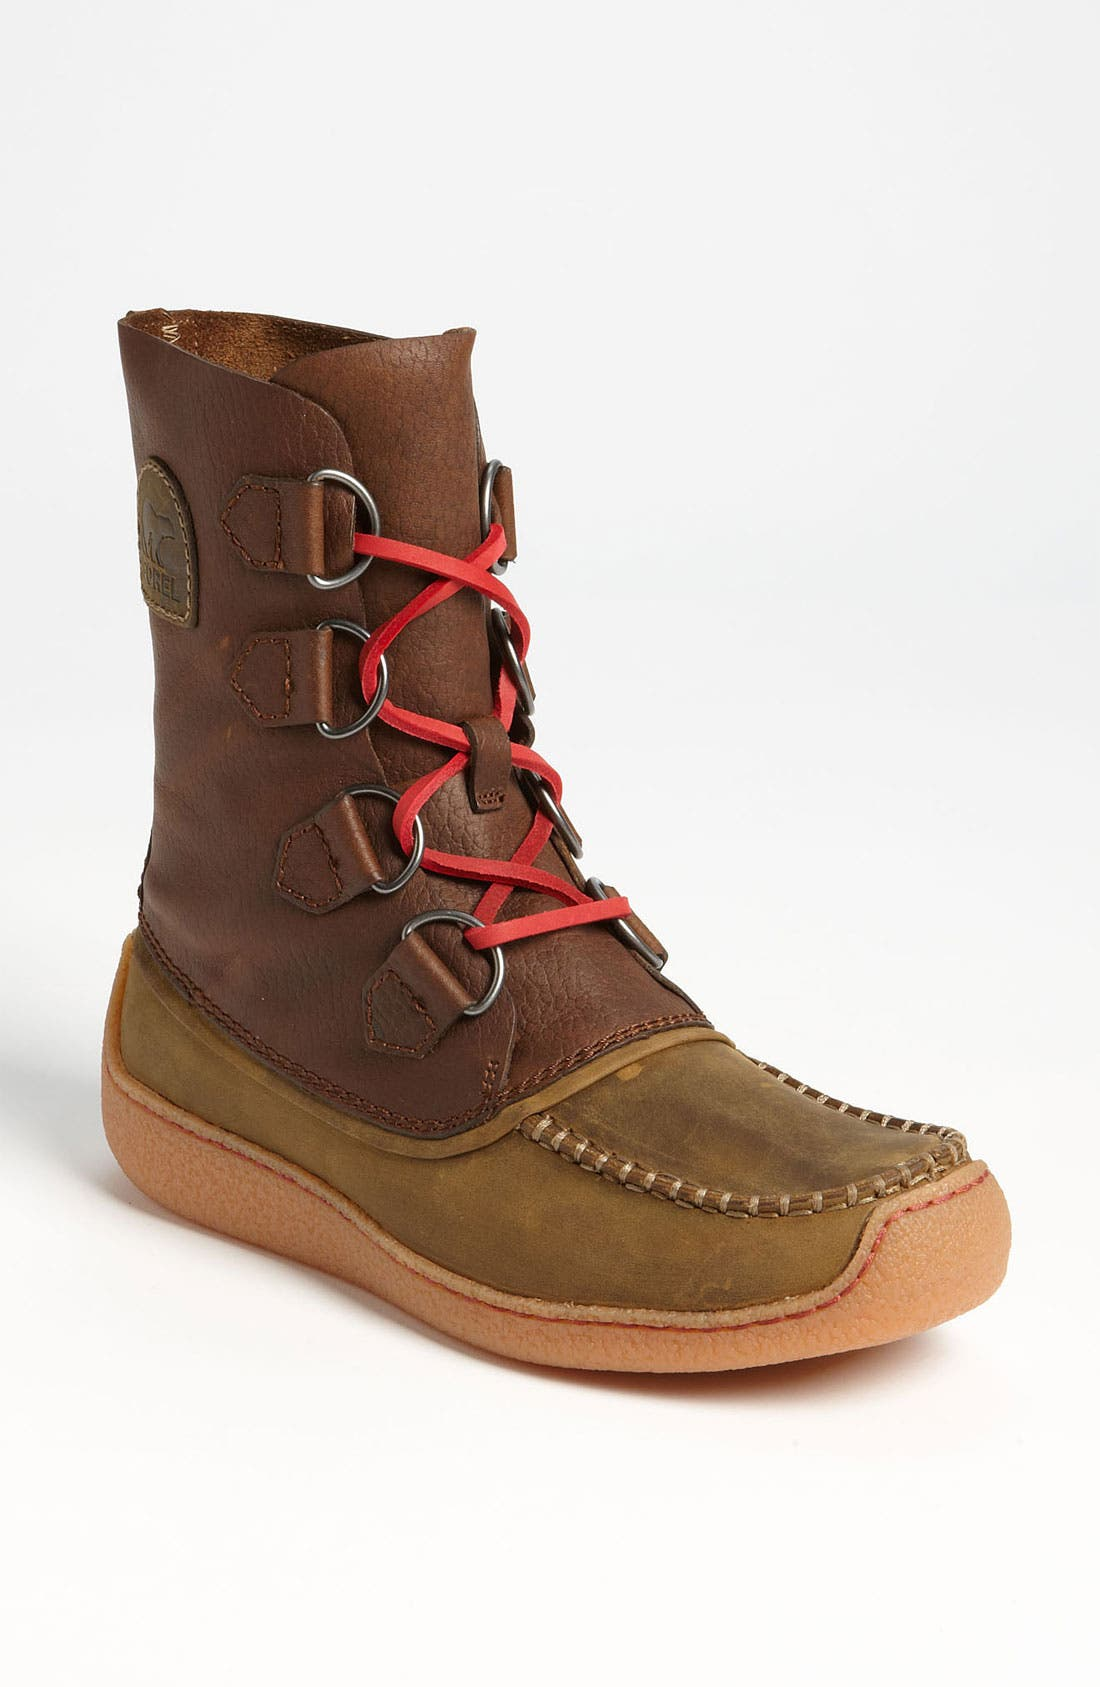 Main Image - SOREL 'Chugalug' Boot